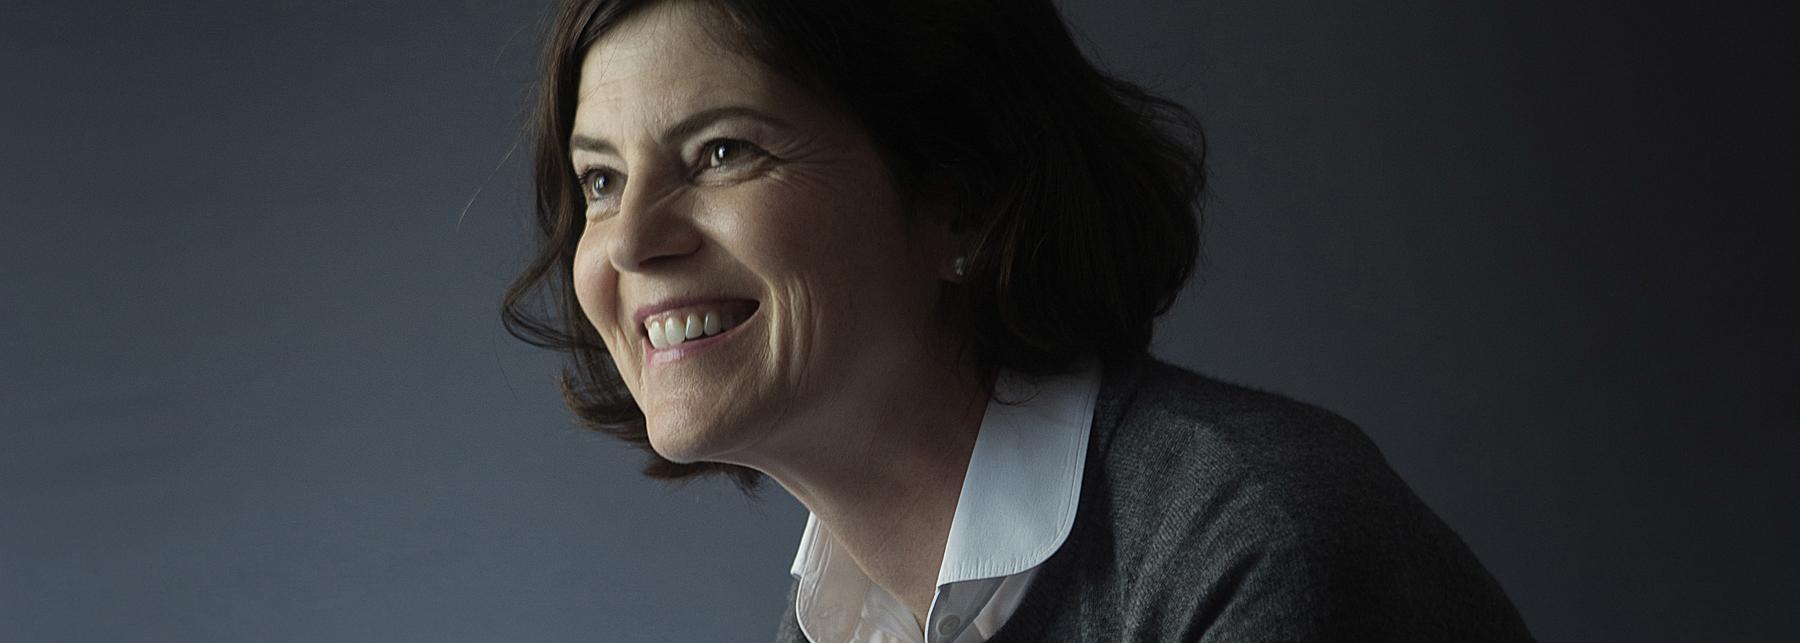 Ann-Carolin Reimsbach